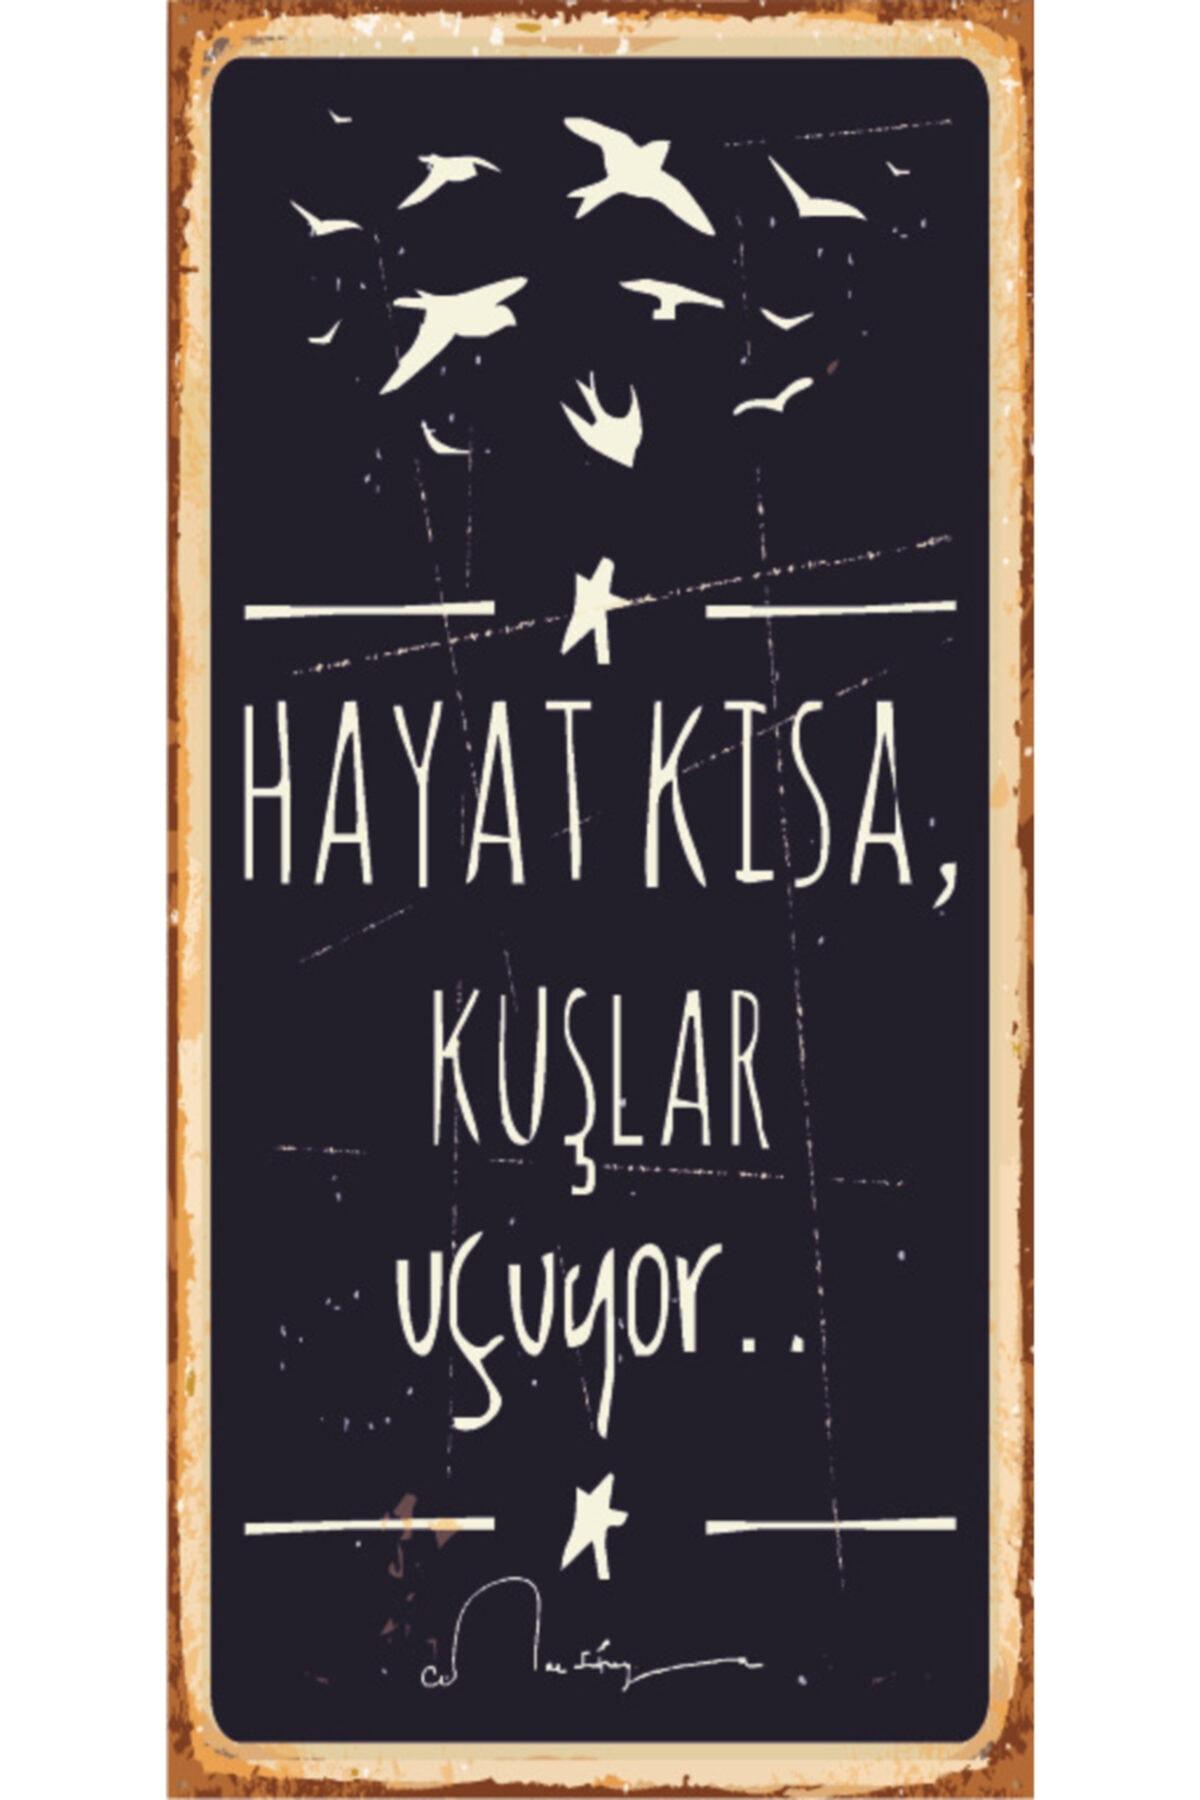 Hayat Kısa Kuşlar Uçuyor Cemal Süreya (10 Cm X 20 Cm) Mini Retro Ahşap Poster